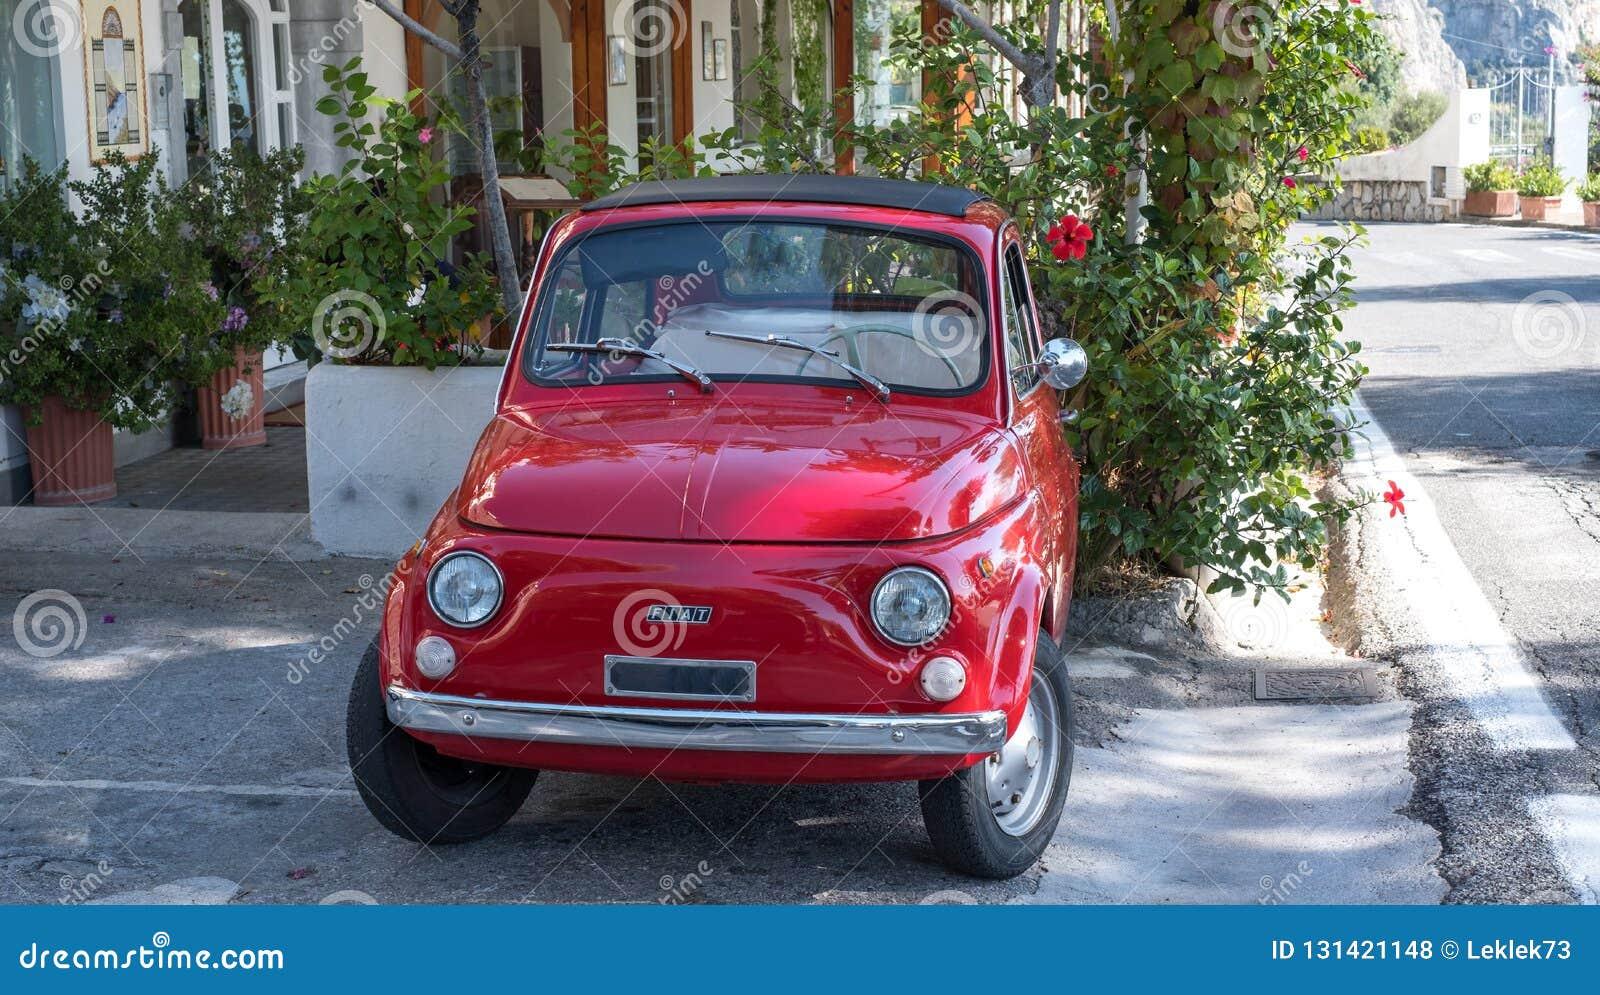 Rouge classique de Fiat Cinquecento 500 parking outre de la rue sur la côte d Amalfi, Italie